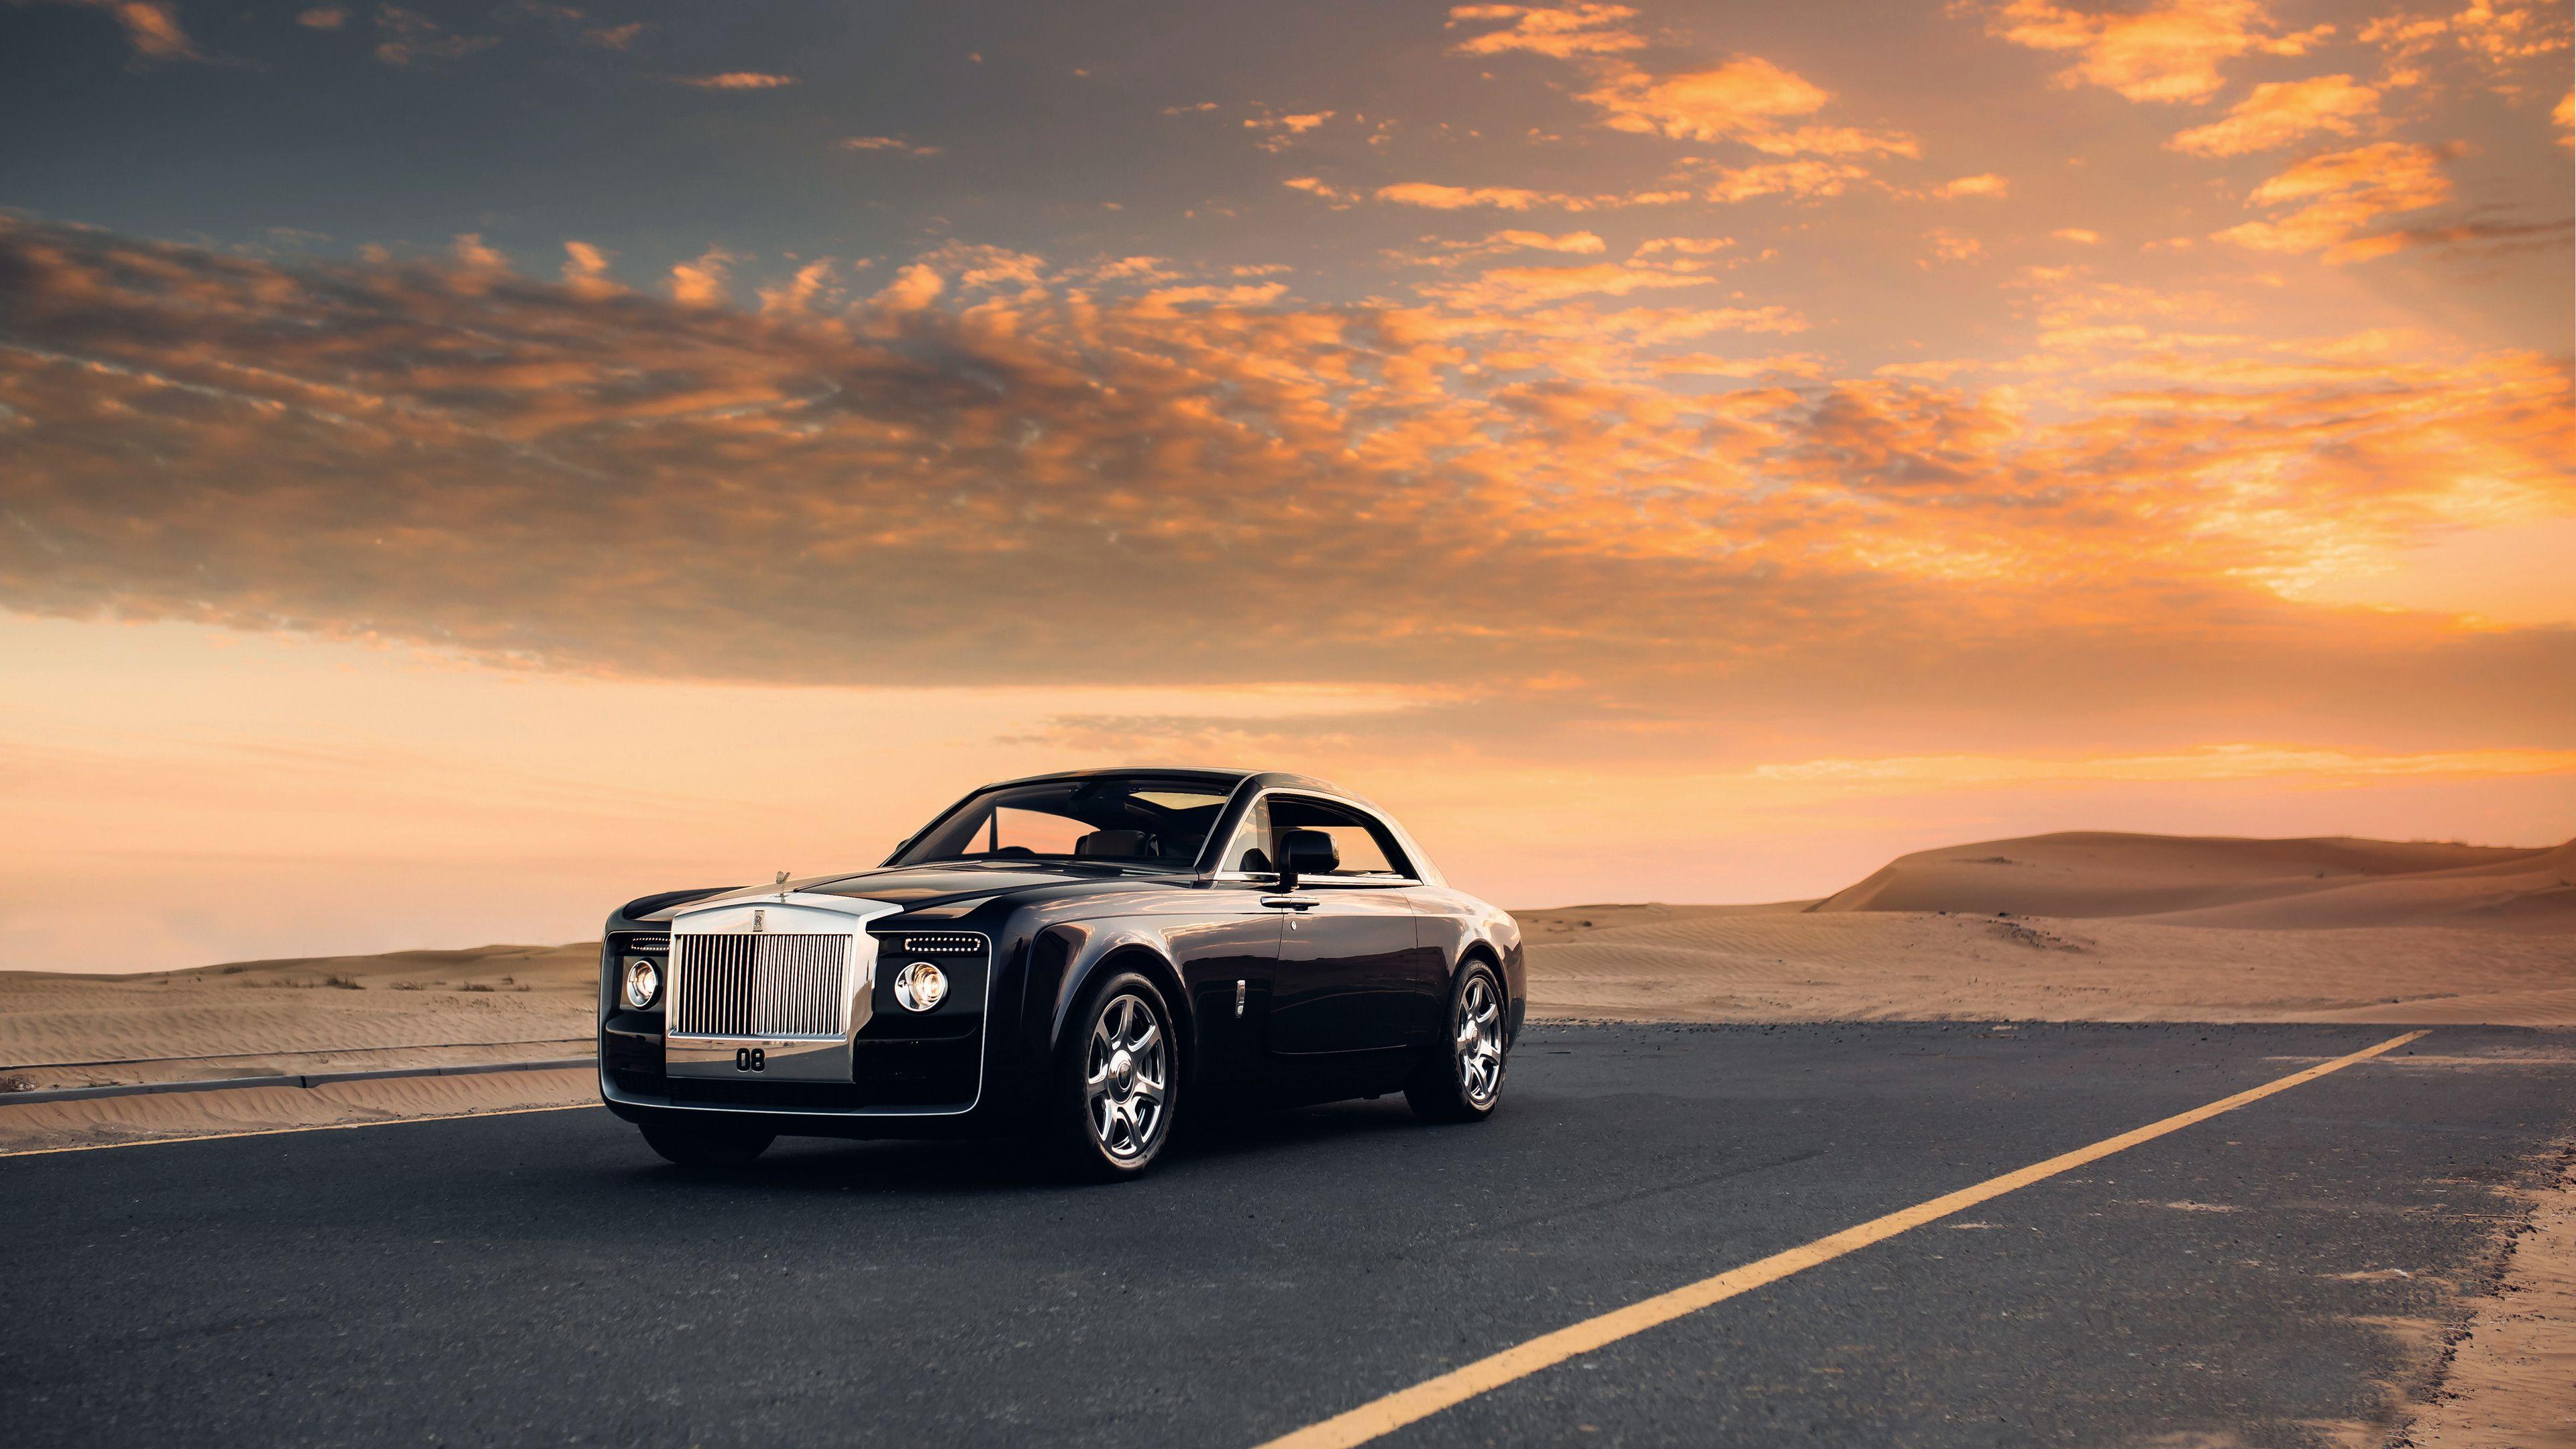 Rolls Royce Sweptail Car 4k Rolls Royce Wallpapers Rolls Royce Sweptail Wallpapers Hd Wallpapers C Luxury Cars Rolls Royce Rolls Royce Rolls Royce Wallpaper